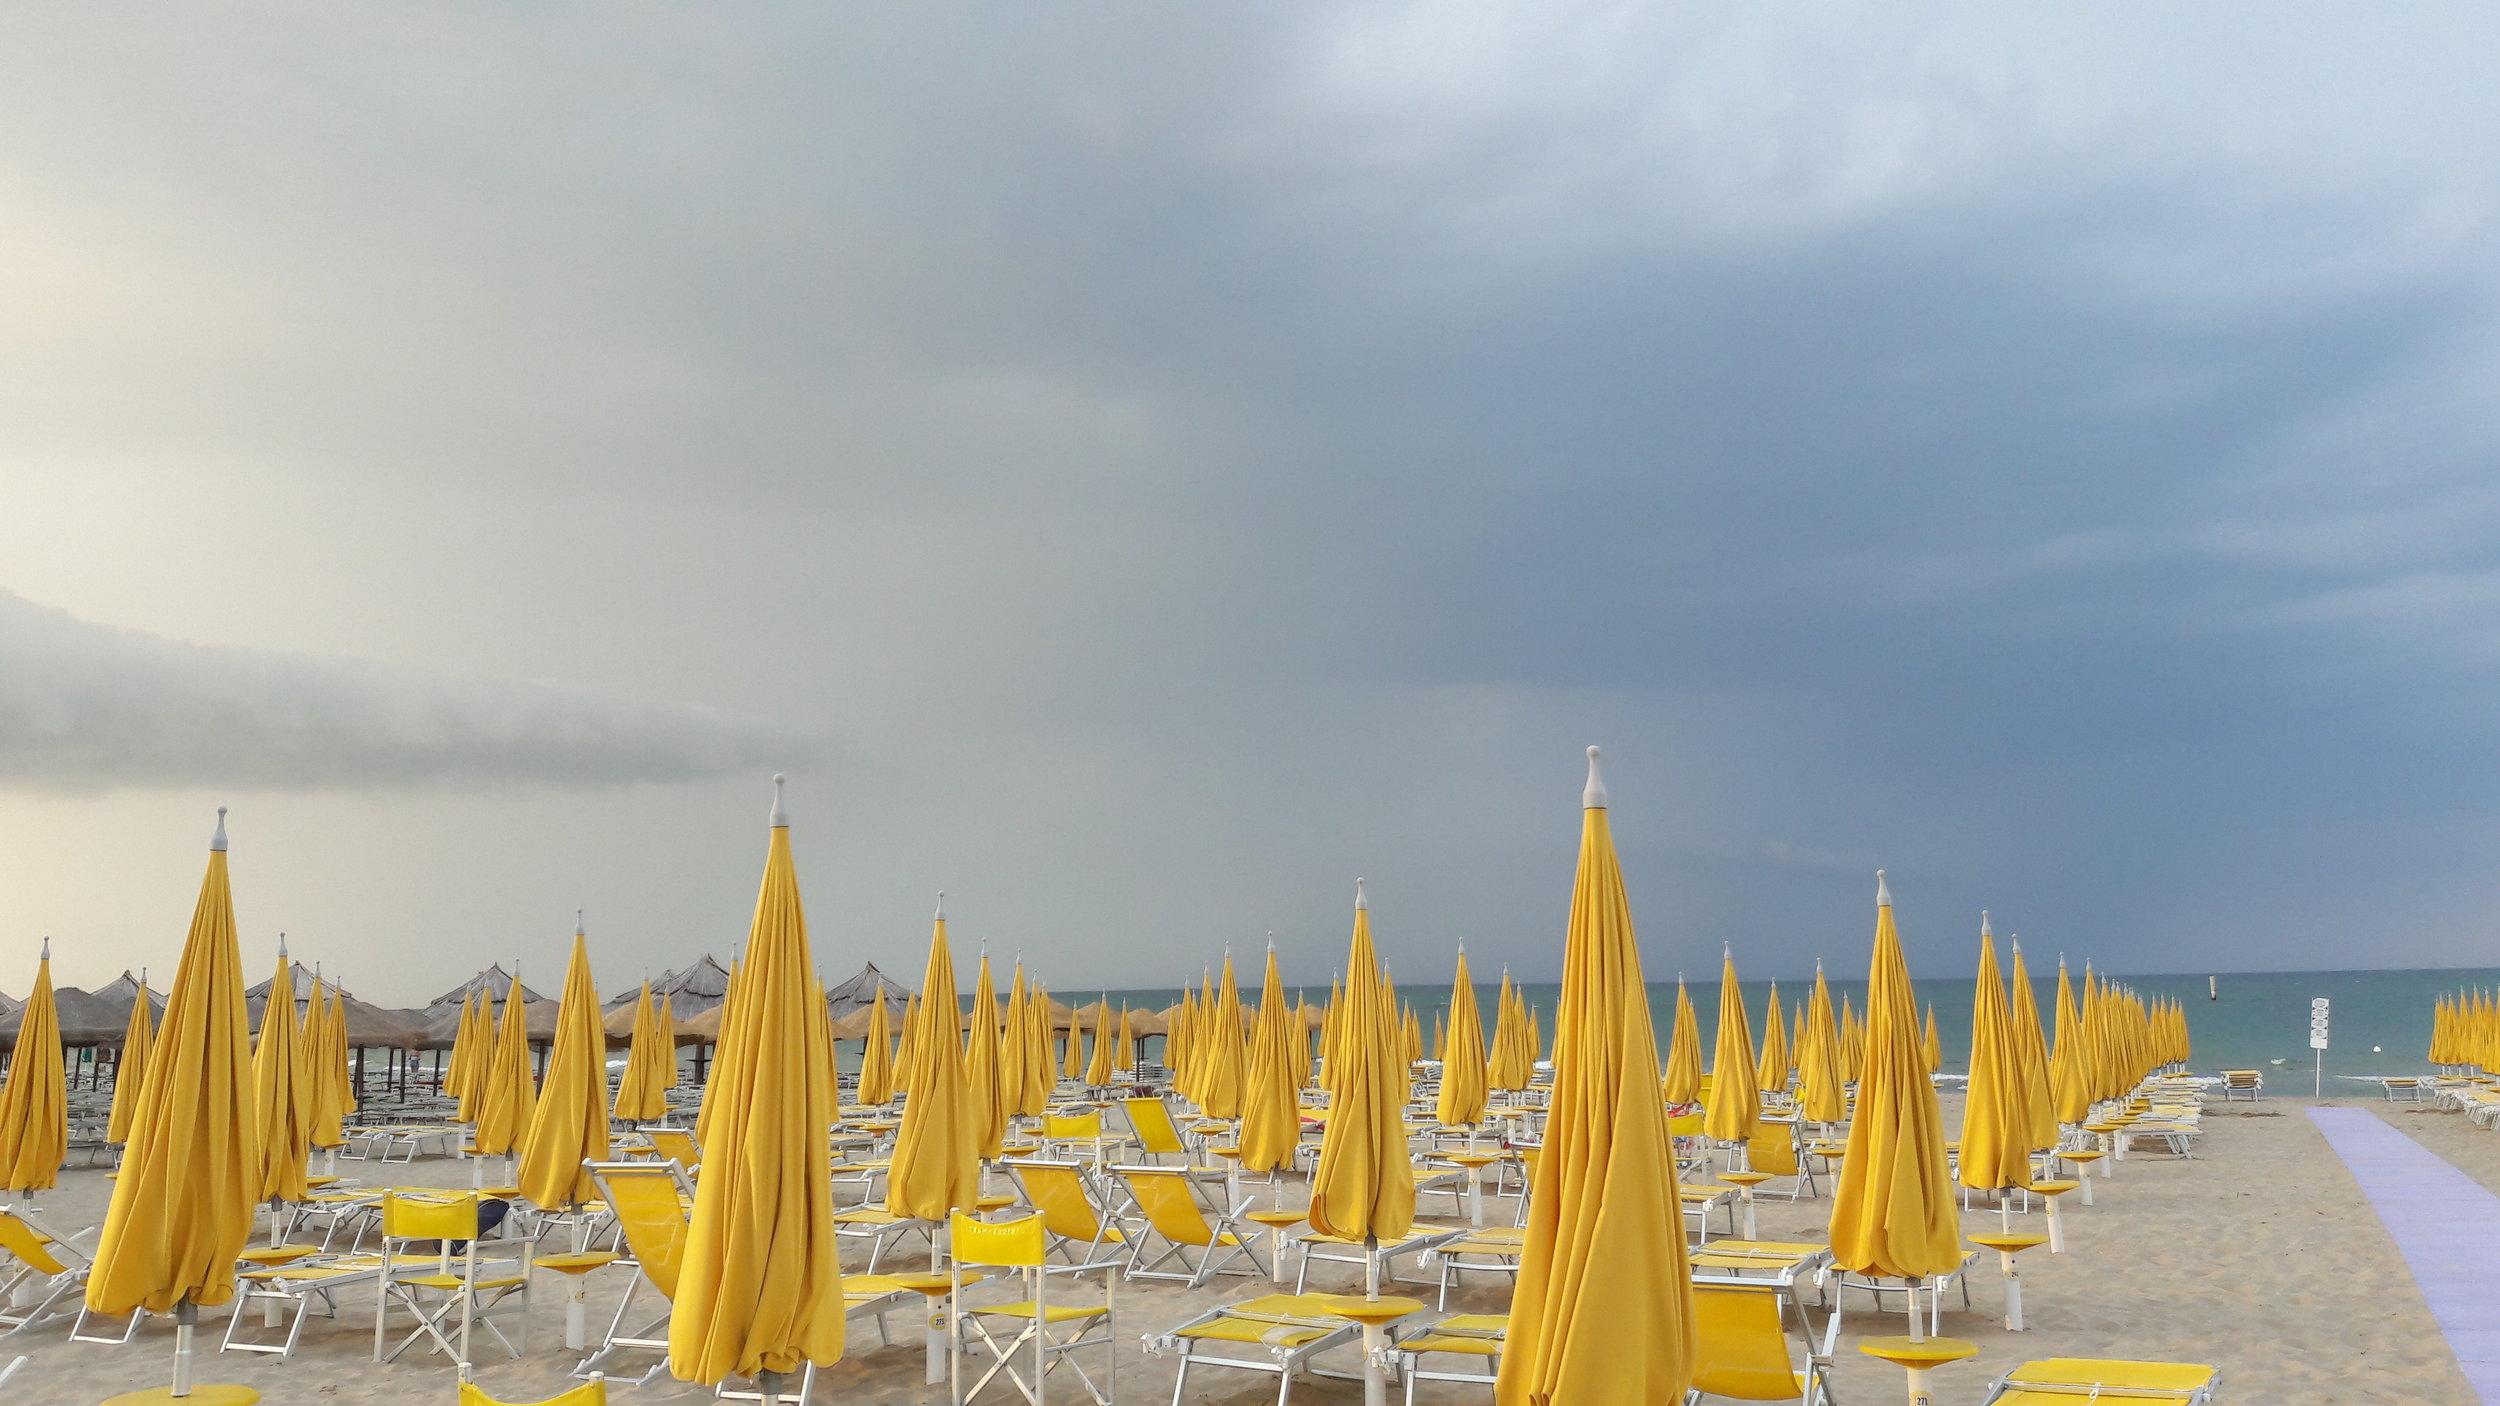 Pesaro: Der vegen sluttar, byrjar havet. Og der havet sluttar, ligg Istria. Foto: Fabio Ferrarini